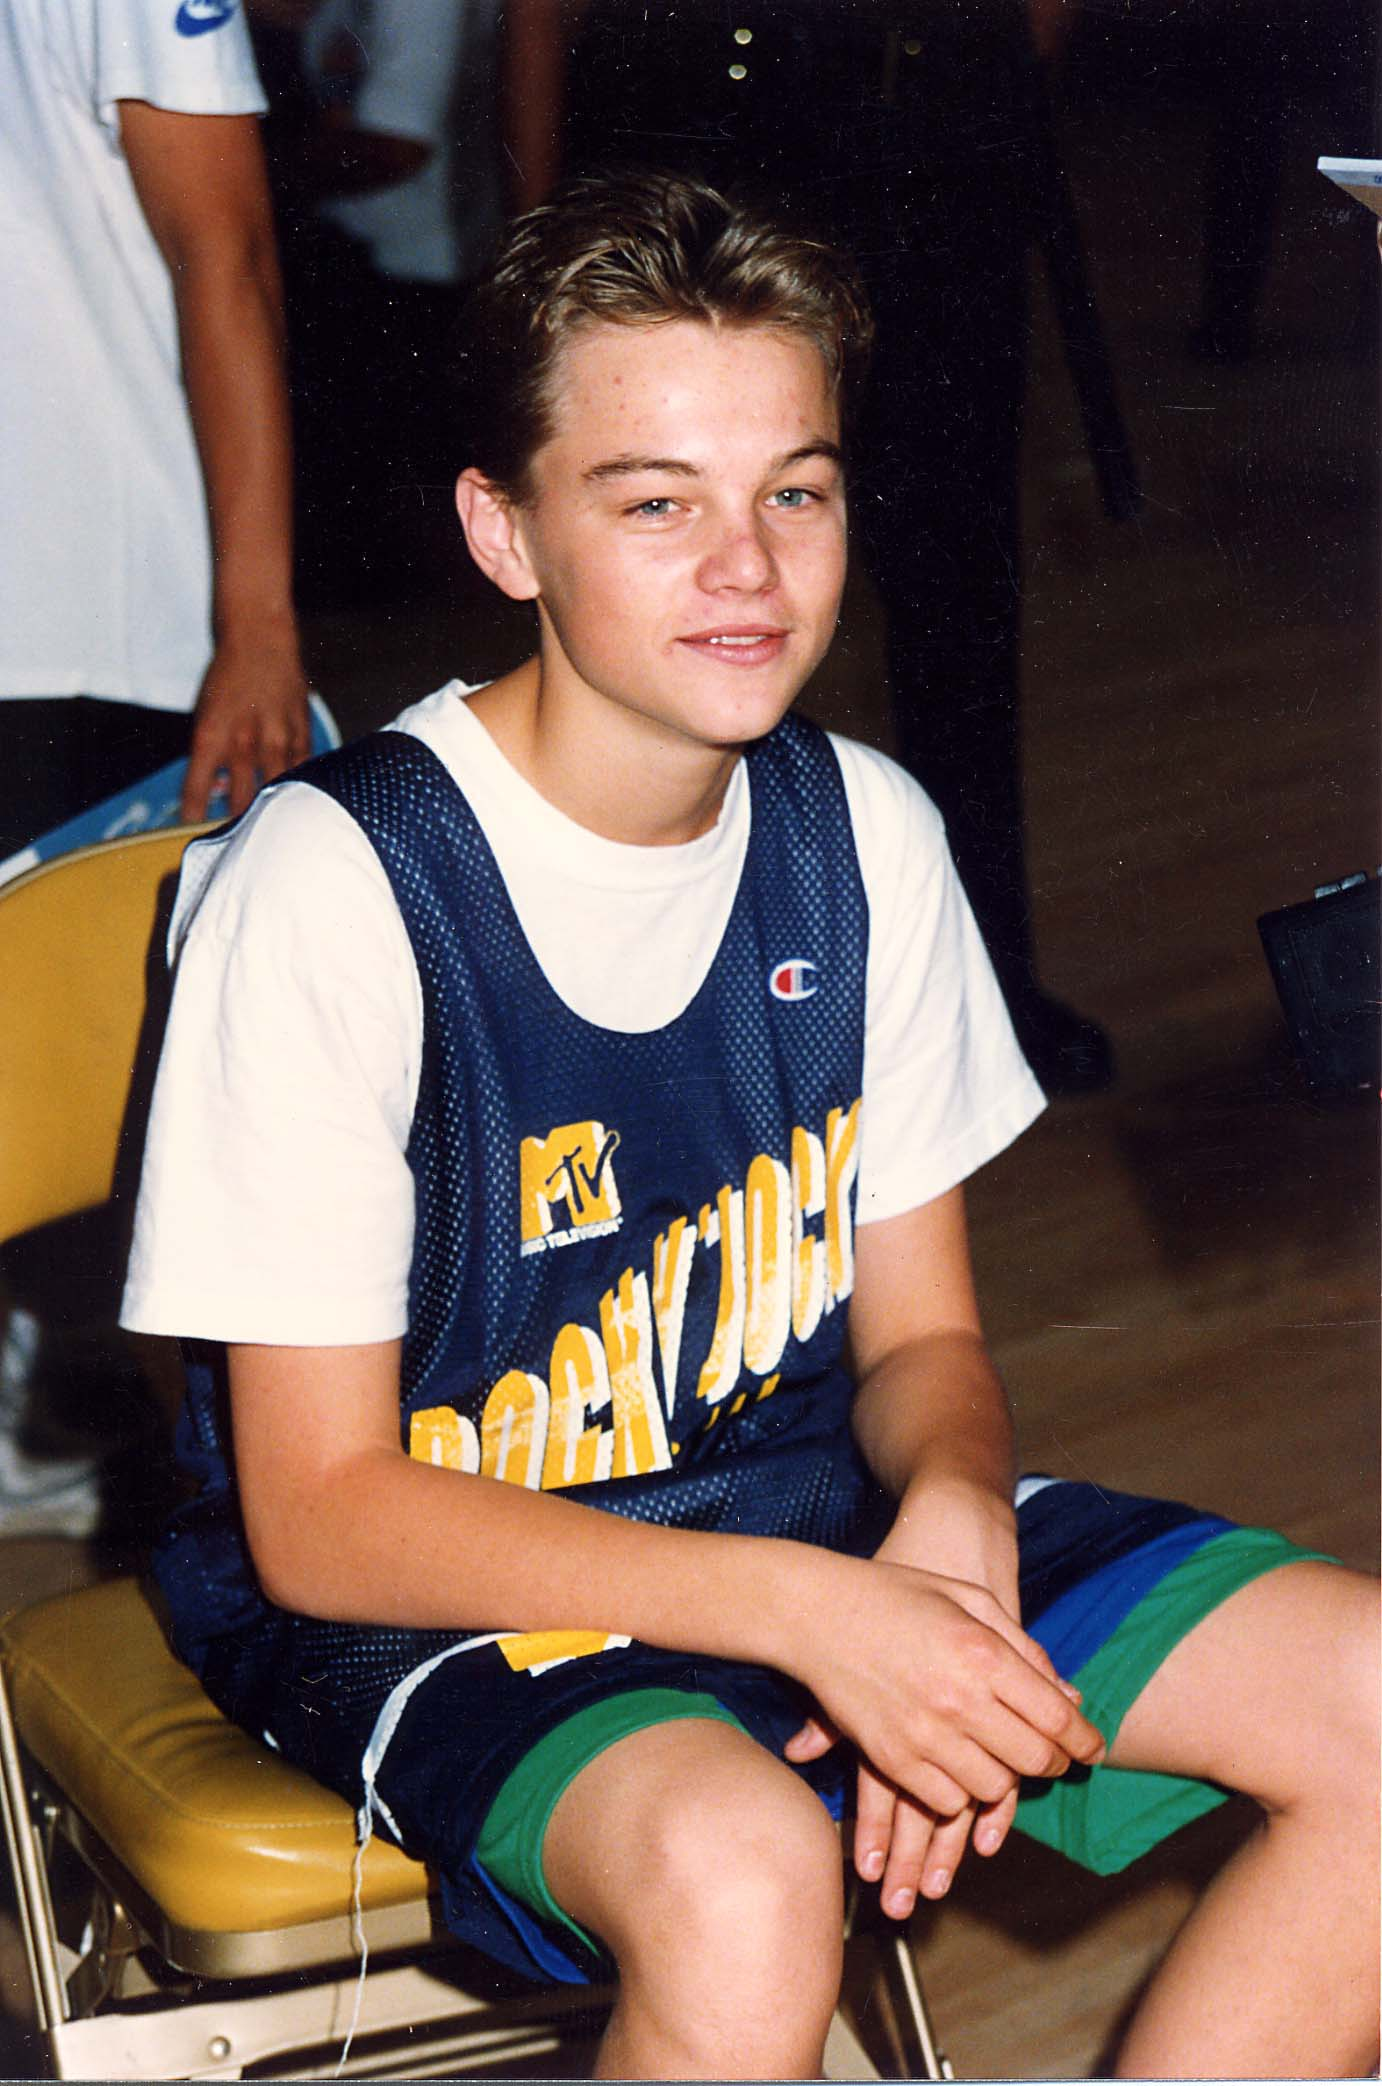 Leonardo DiCaprio during the 1992 MTV Rock n Jock Basketball in Irvine, Calif. on Sept. 19, 1992.